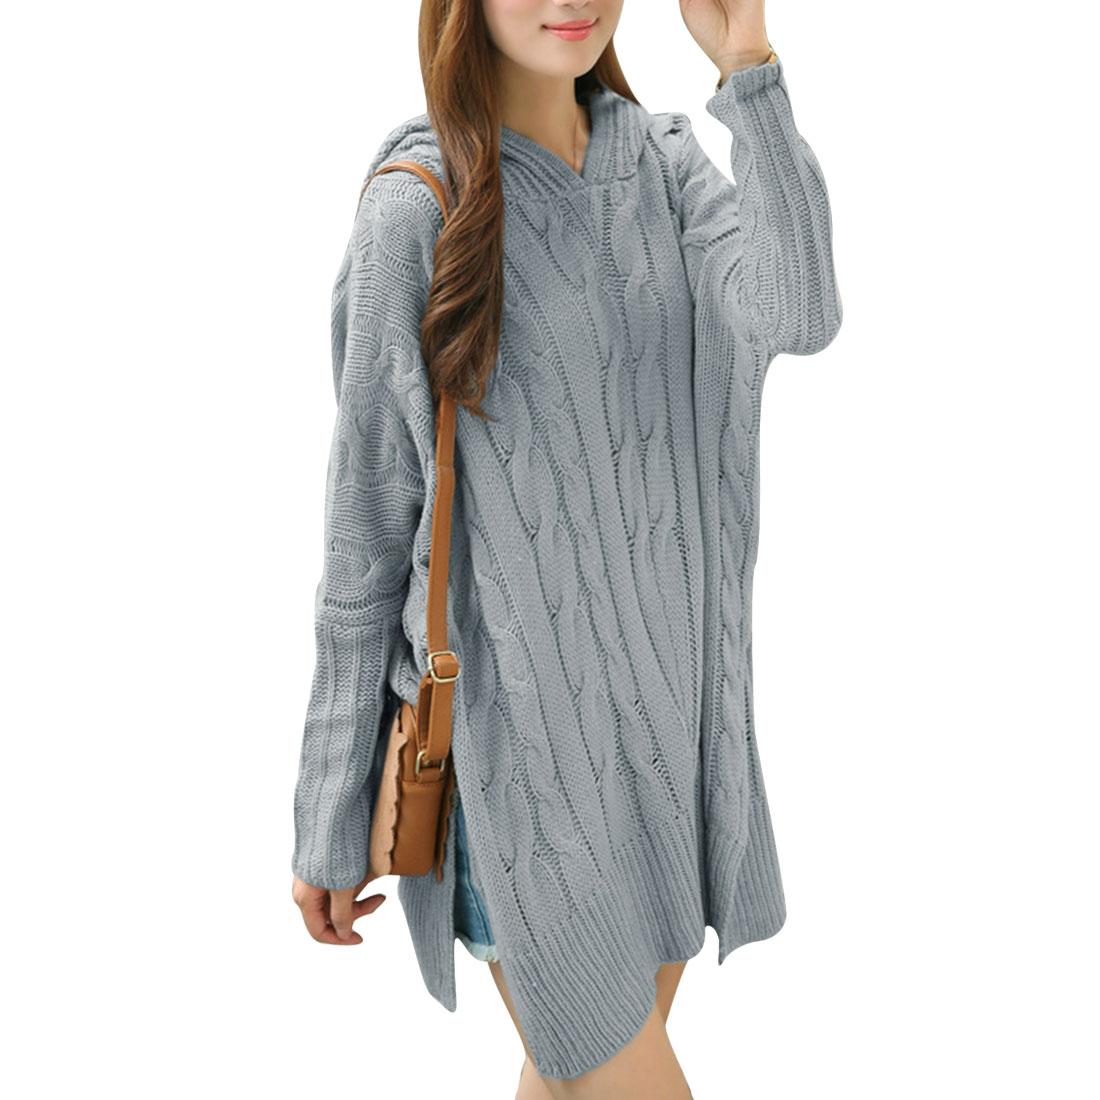 Women Zipper Hooded Pullover Split Side Autumn Wearing Sweater Gray M